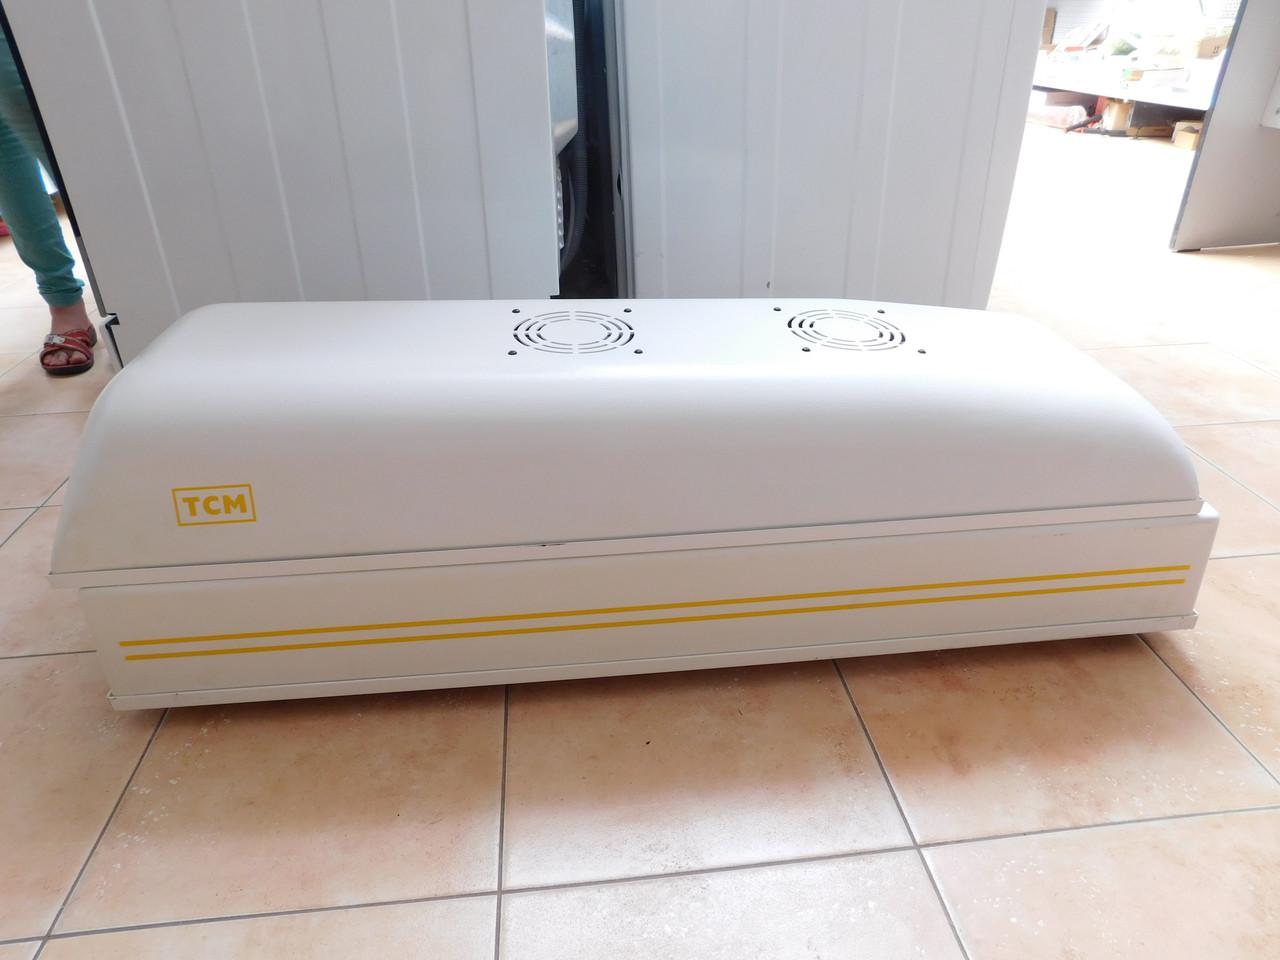 Горизонтальный СОЛЯРИЙ элитной серии TCM HPA 400 S UV-Type 3, Германия